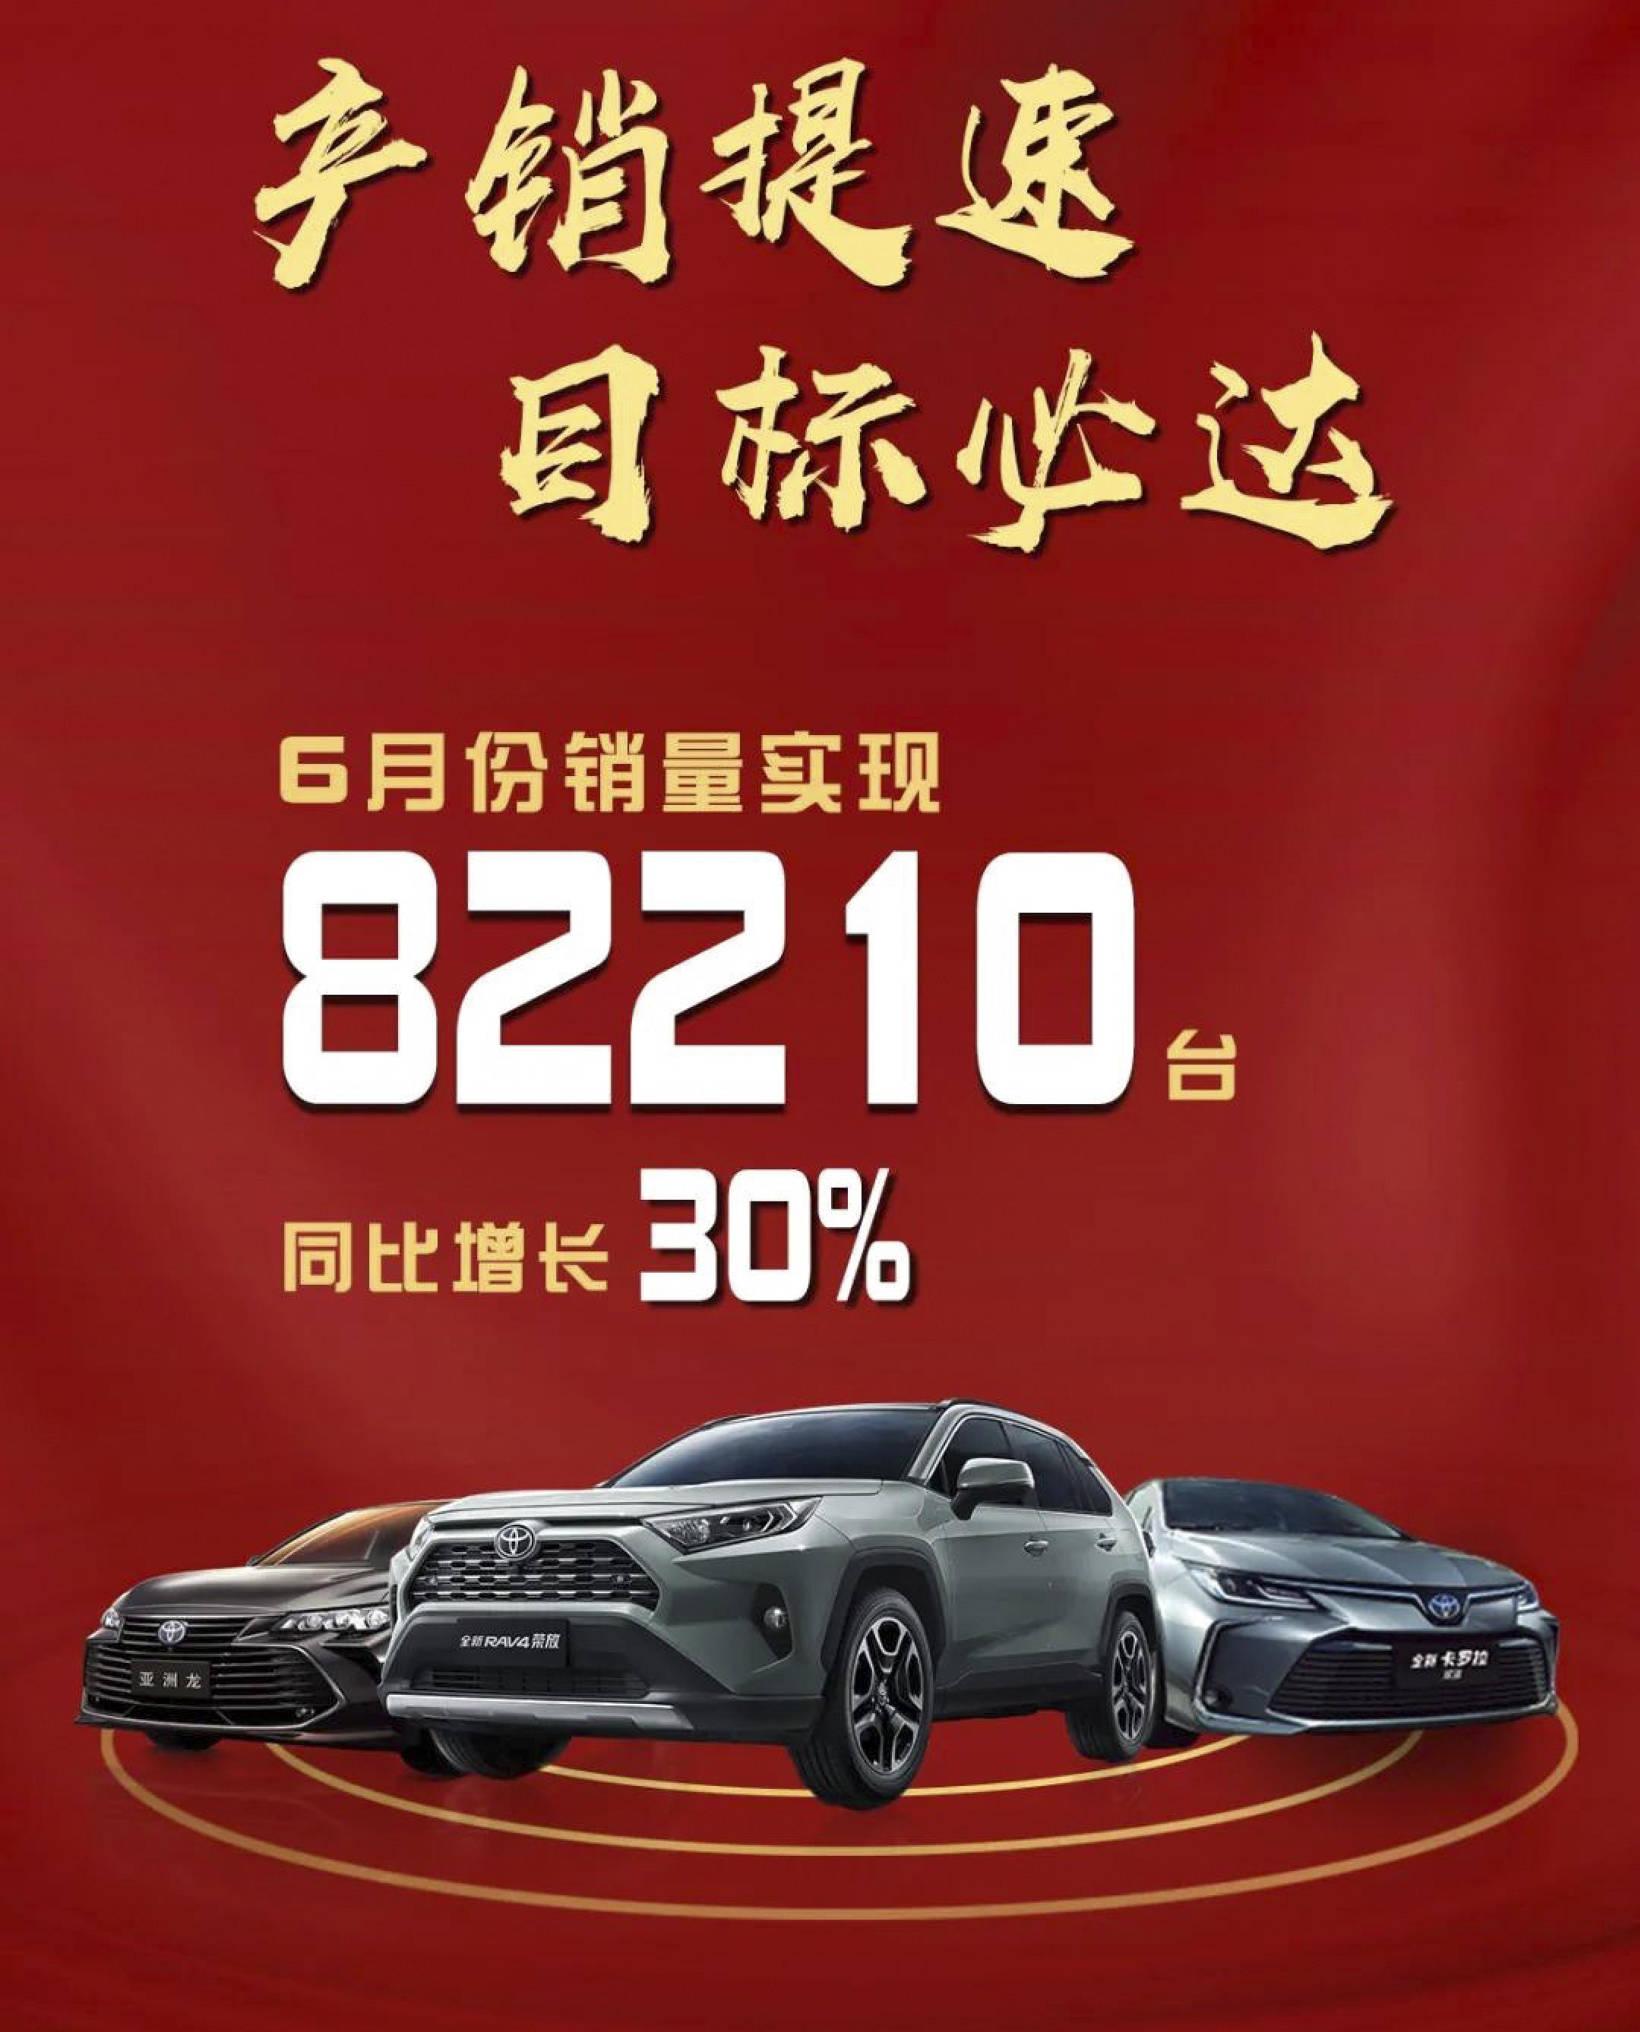 一汽丰田6月销量突破8万辆,累计完成全年销售目标45.6%